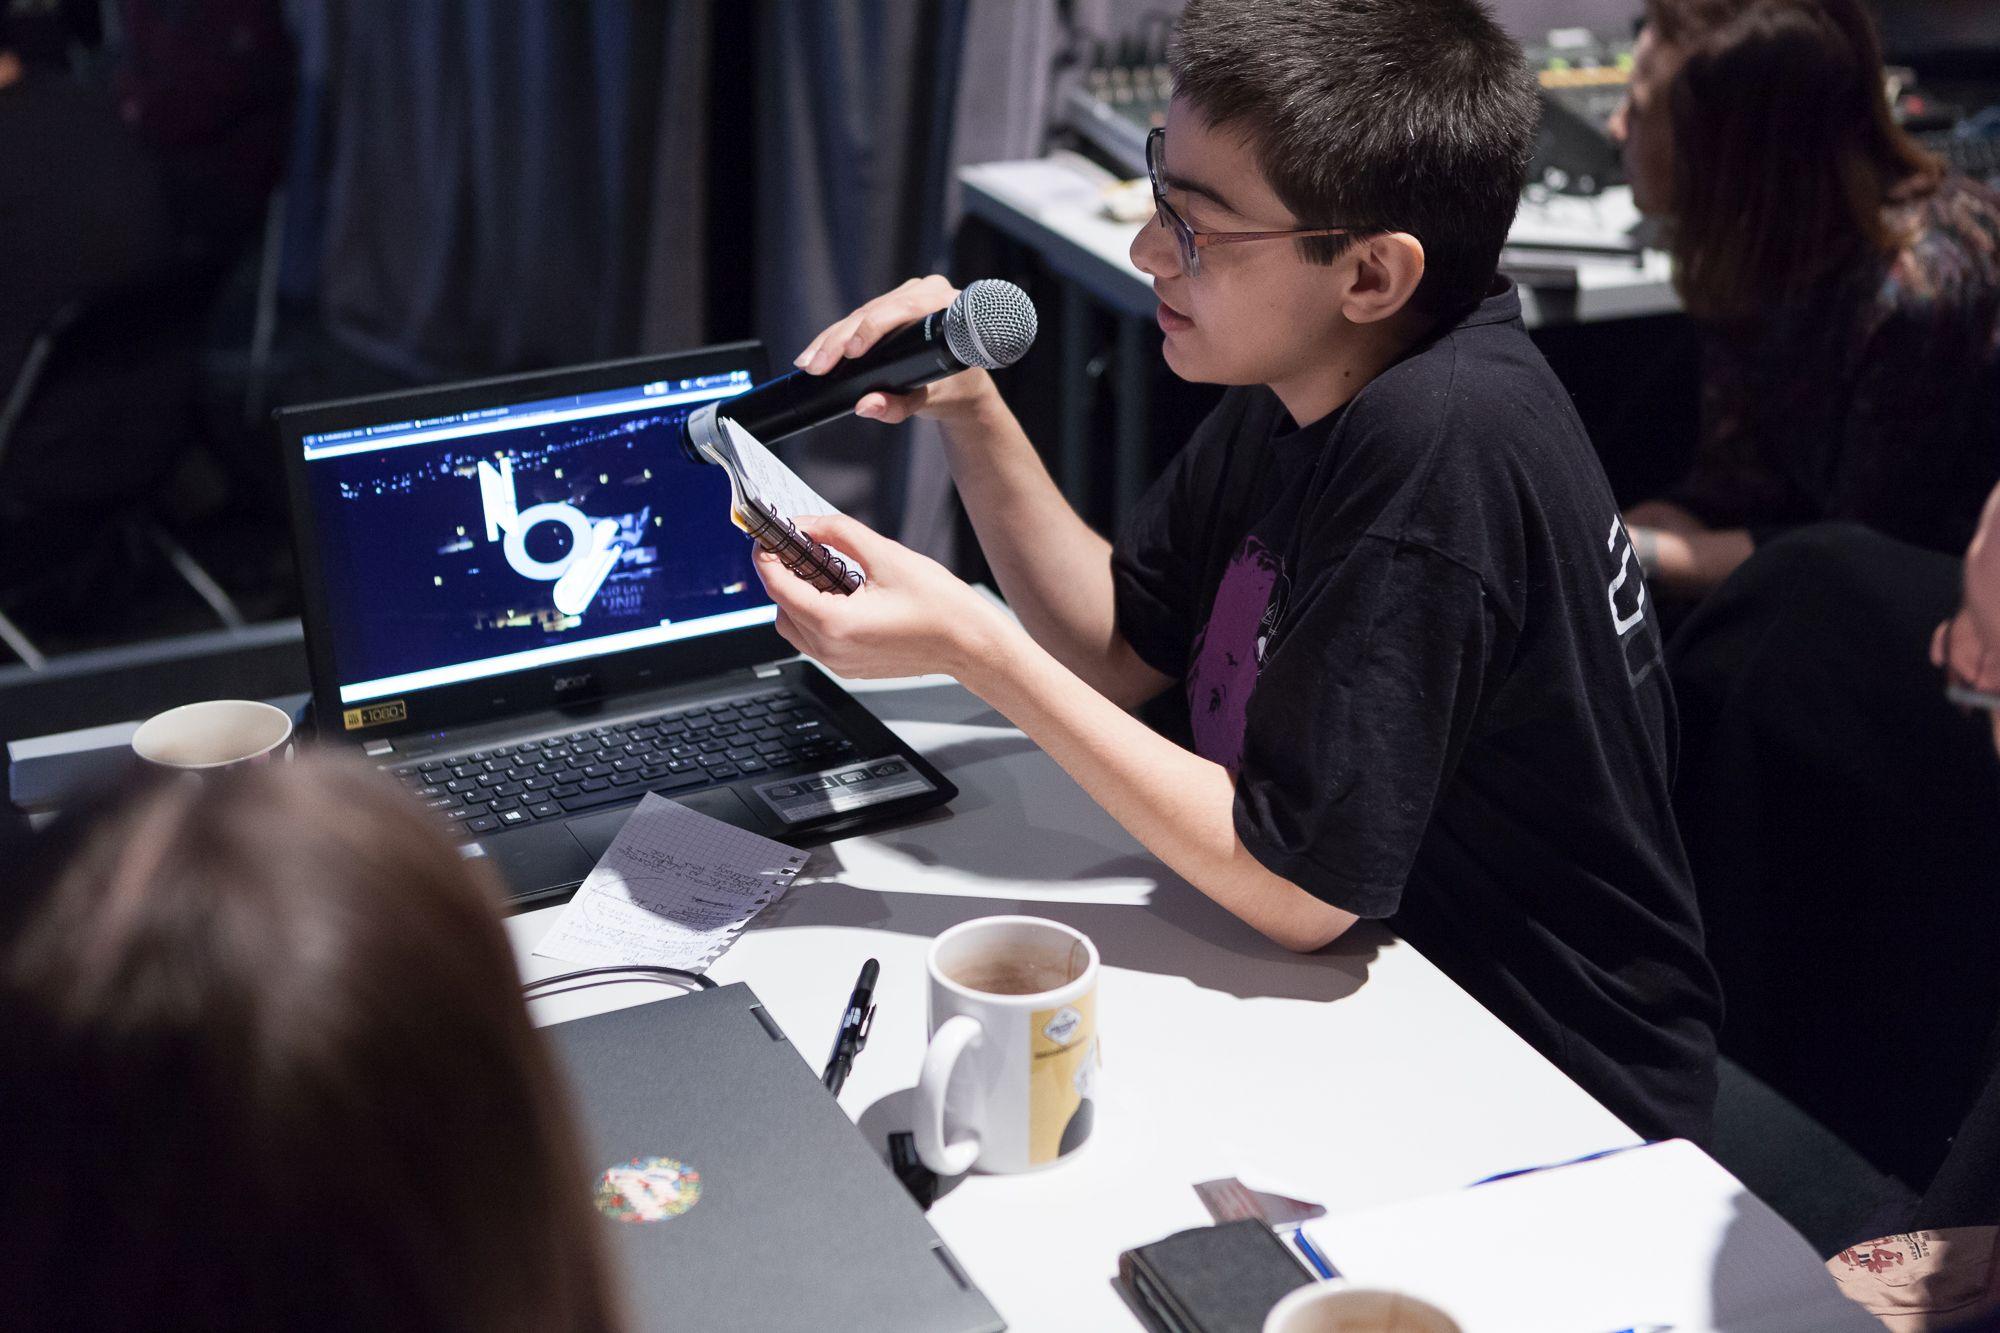 Inkubator Kultury | Audiodeskrypcja  [Szkolenie z audiodeskrypcji. Zbliżenie na jednego uczestnika, odczytującego efekt pracy grupowej]